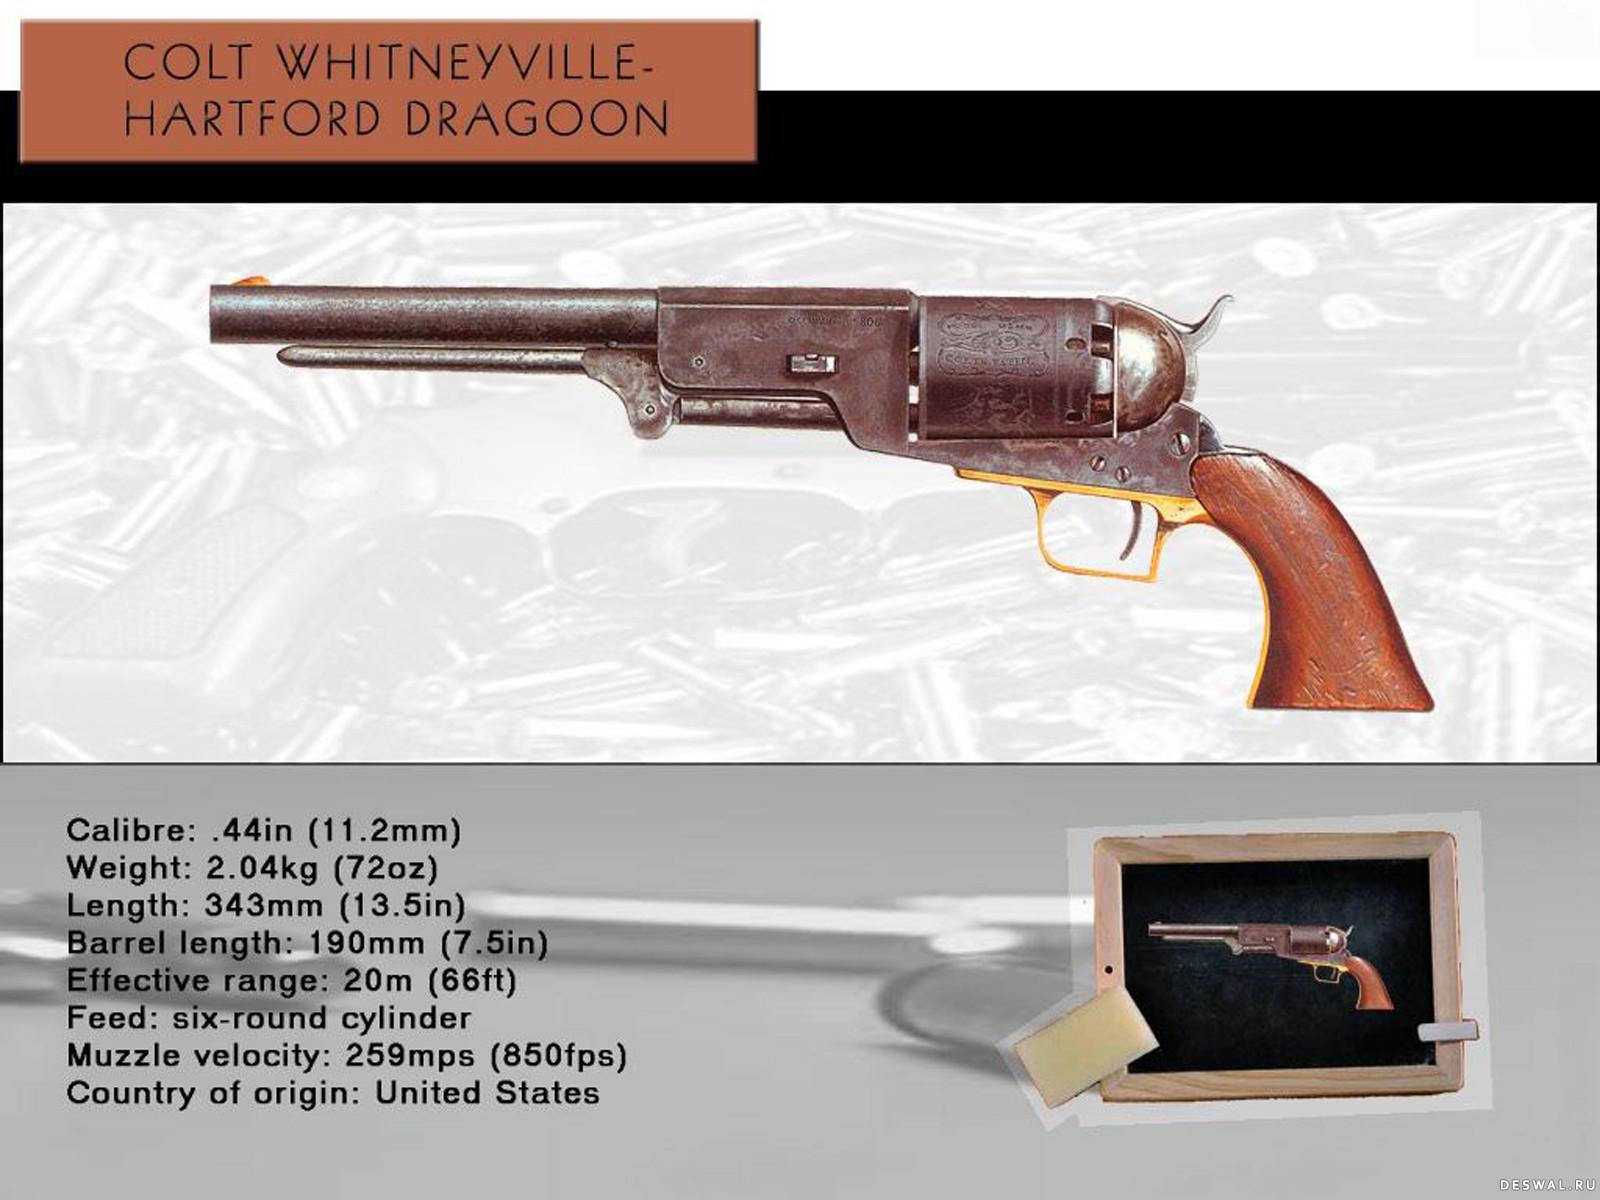 Фото 9. Нажмите на картинку с обоями оружия, чтобы просмотреть ее в реальном размере